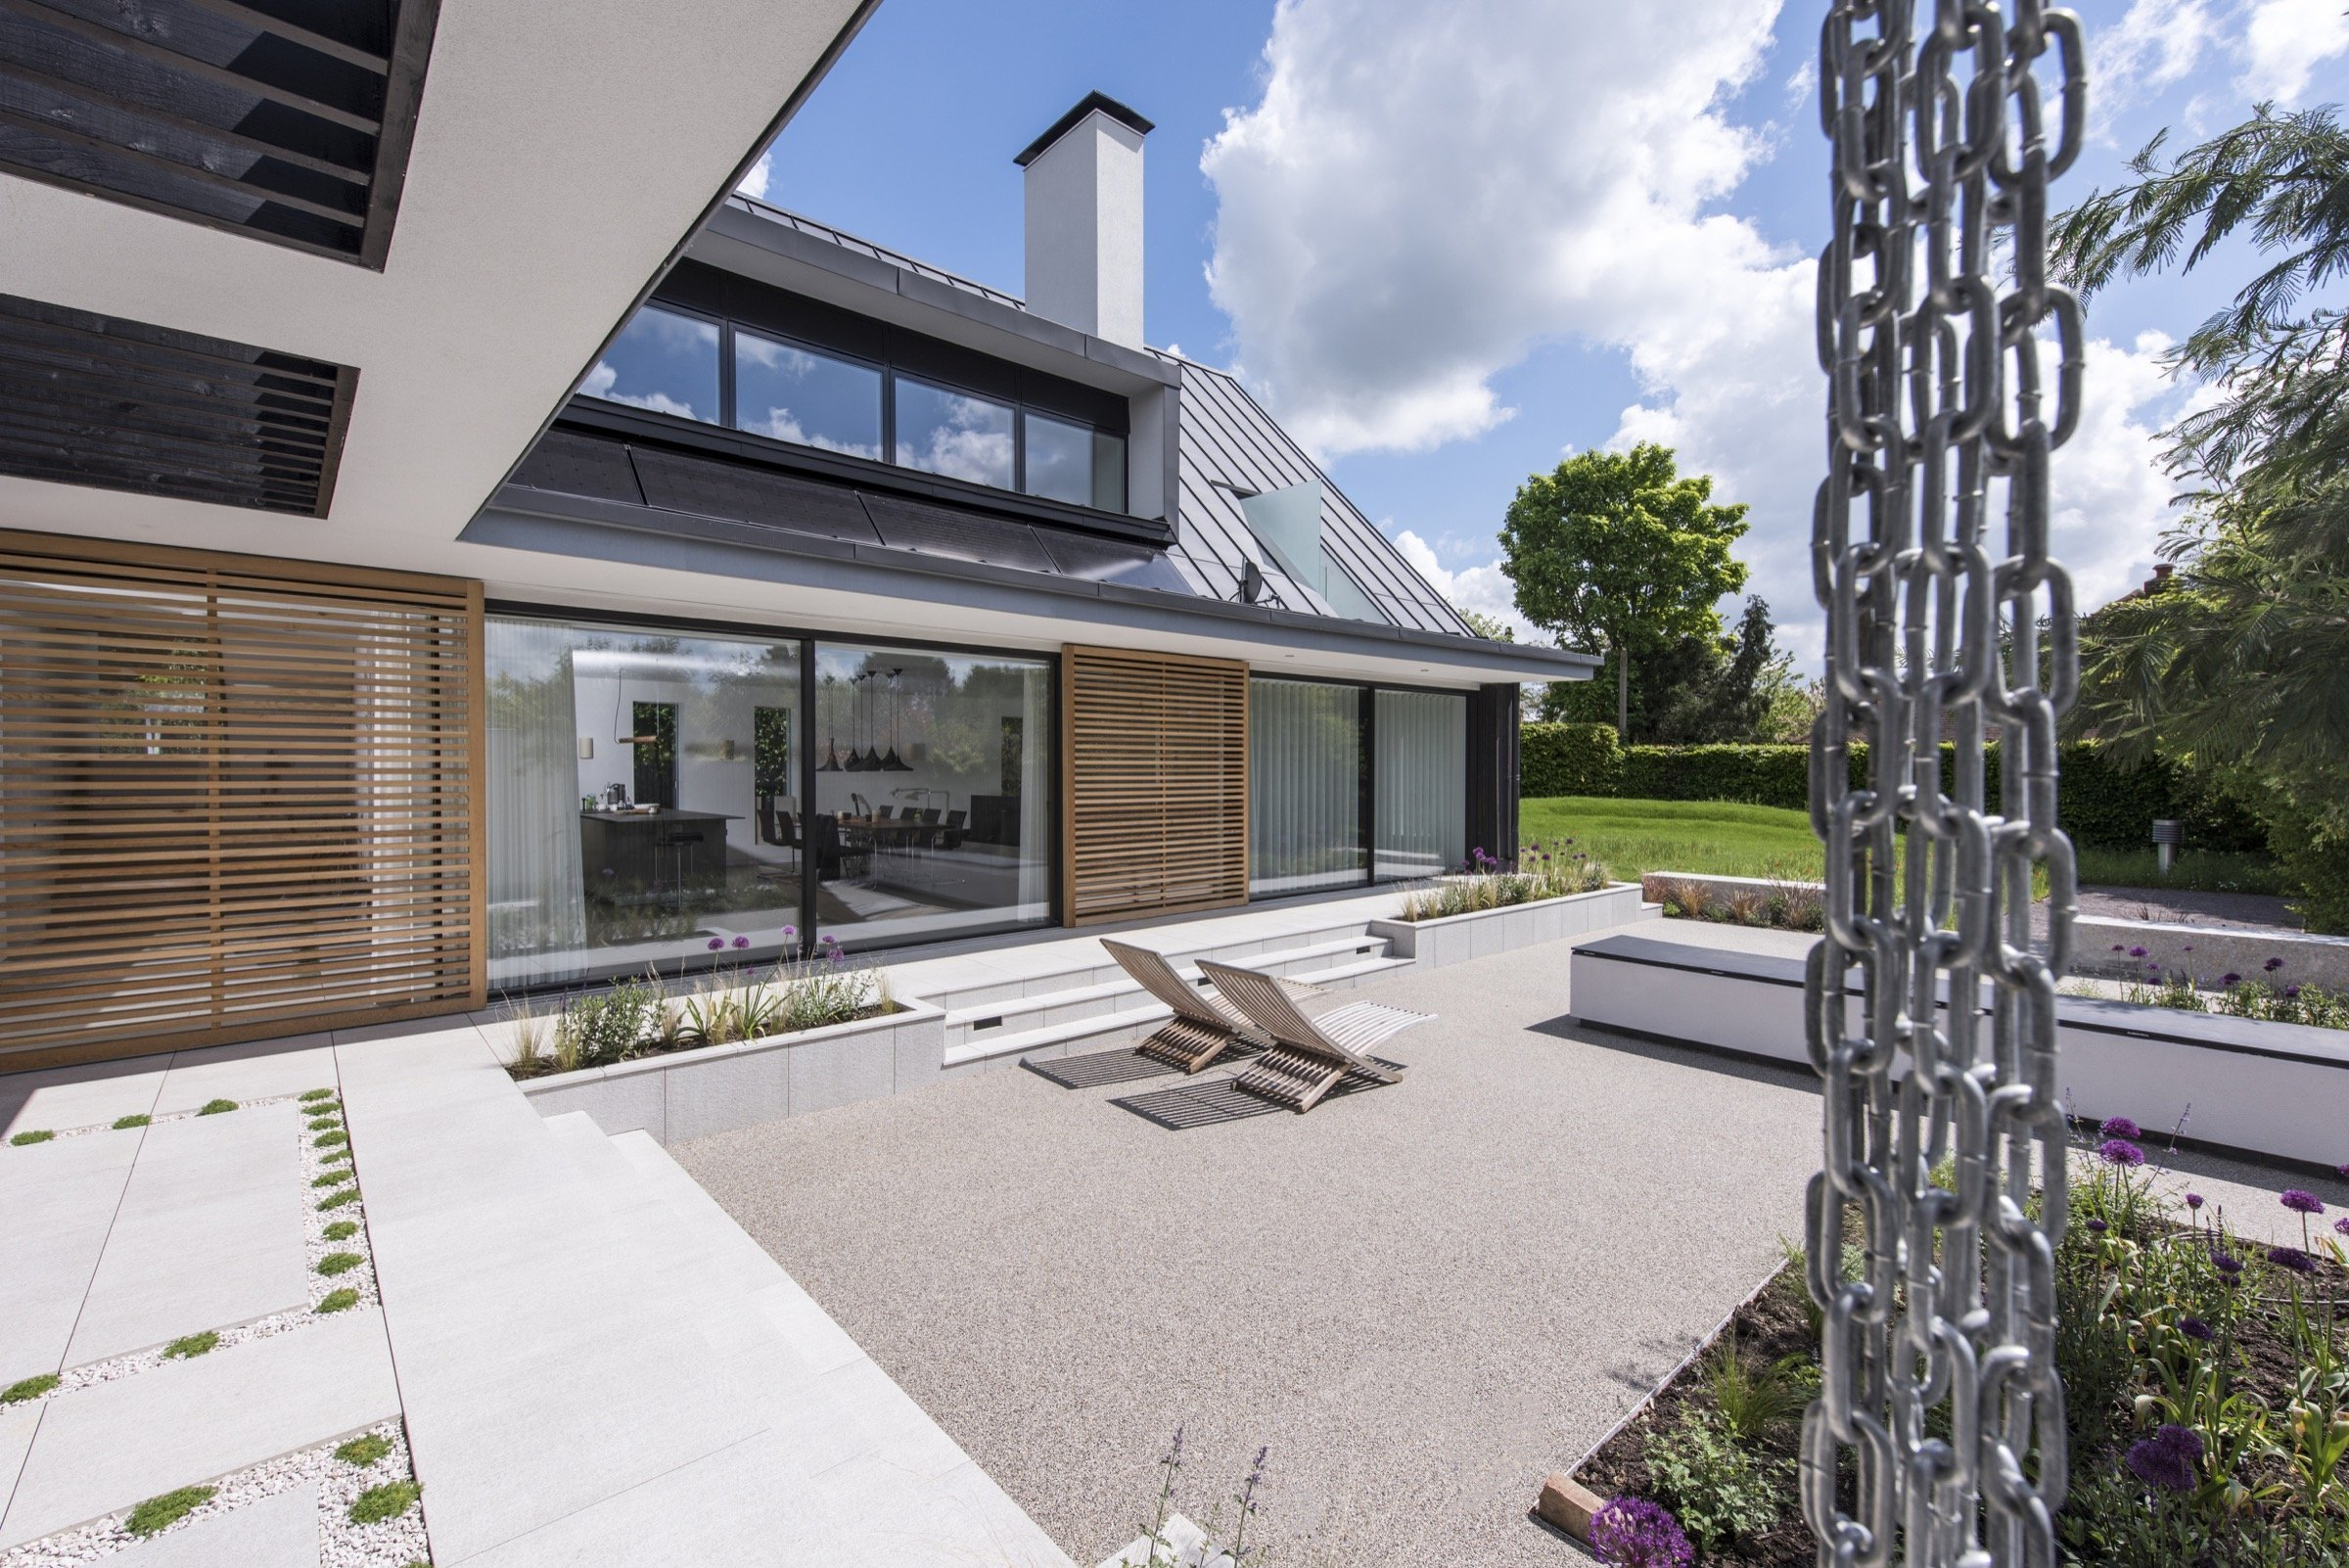 Díky britsko-české architektonické kanceláři Jestico + Whiles vyrostl v půvabném prostředí hrabství Buckinghamshire severovýchodně od Londýna energeticky šetrný dům s nulovou uhlíkovou stopou. Tato stavba je skvělým příkladem současného udržitelného designu. Oceněna byla dokonce i Královským institutem britských architektů.